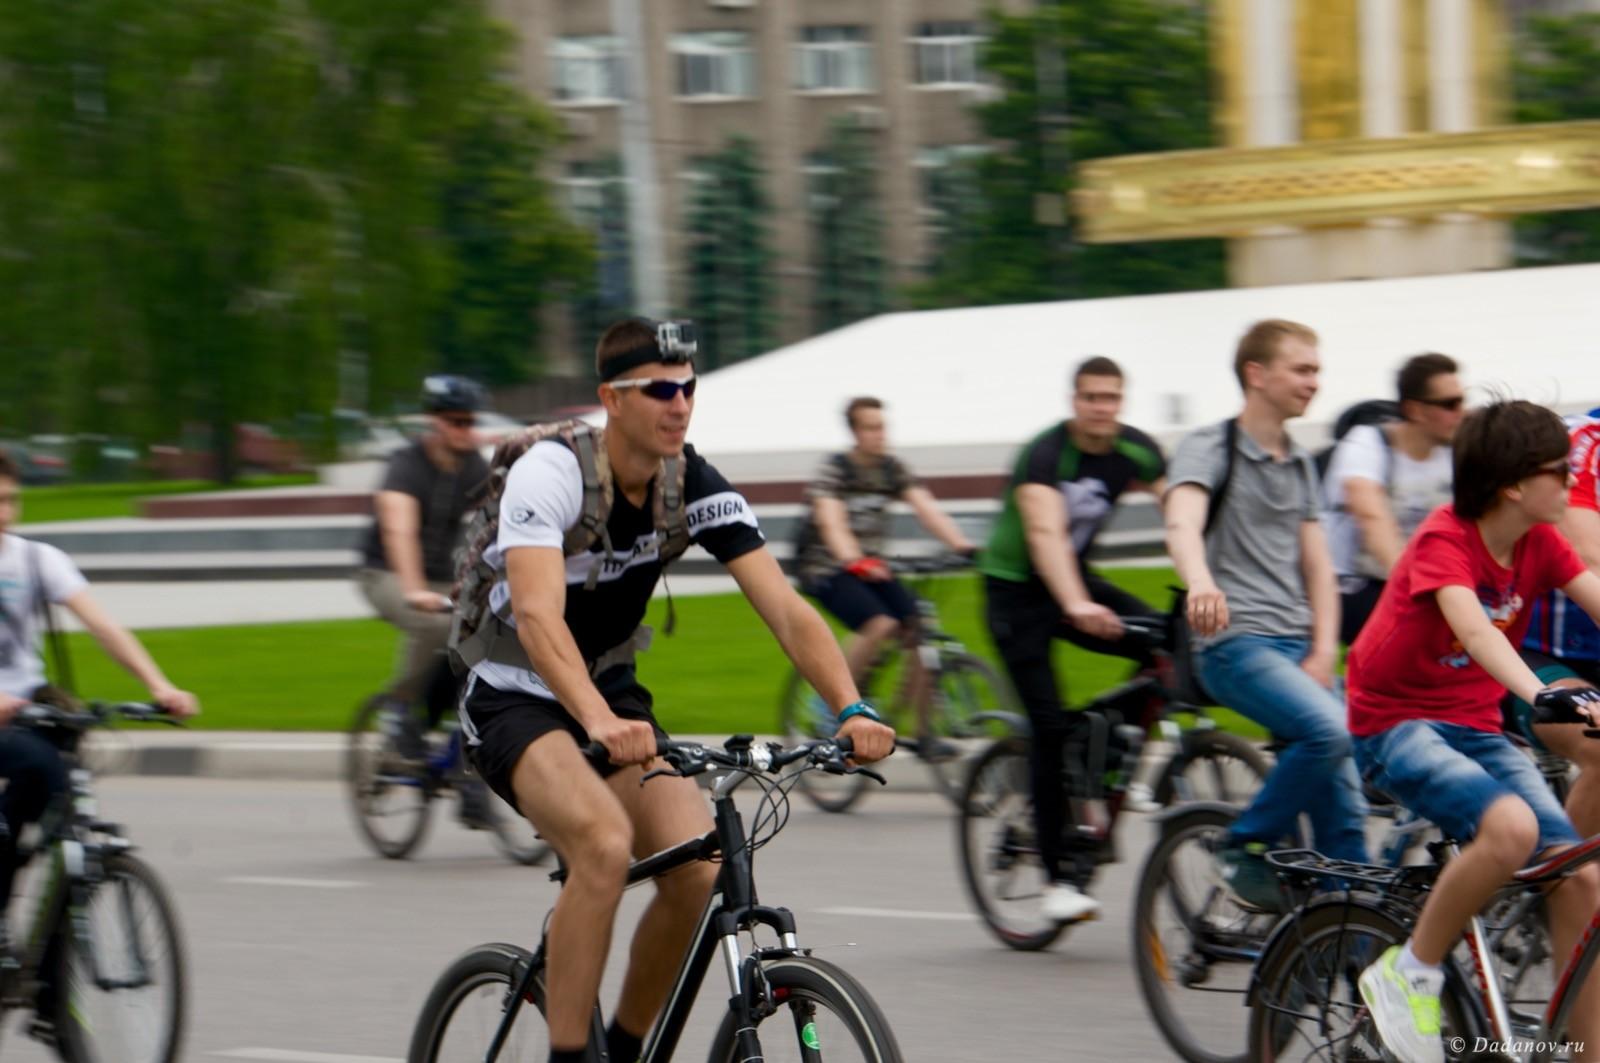 Велодень 2016 в Липецке состоялся. Фотографии с мероприятия 3009